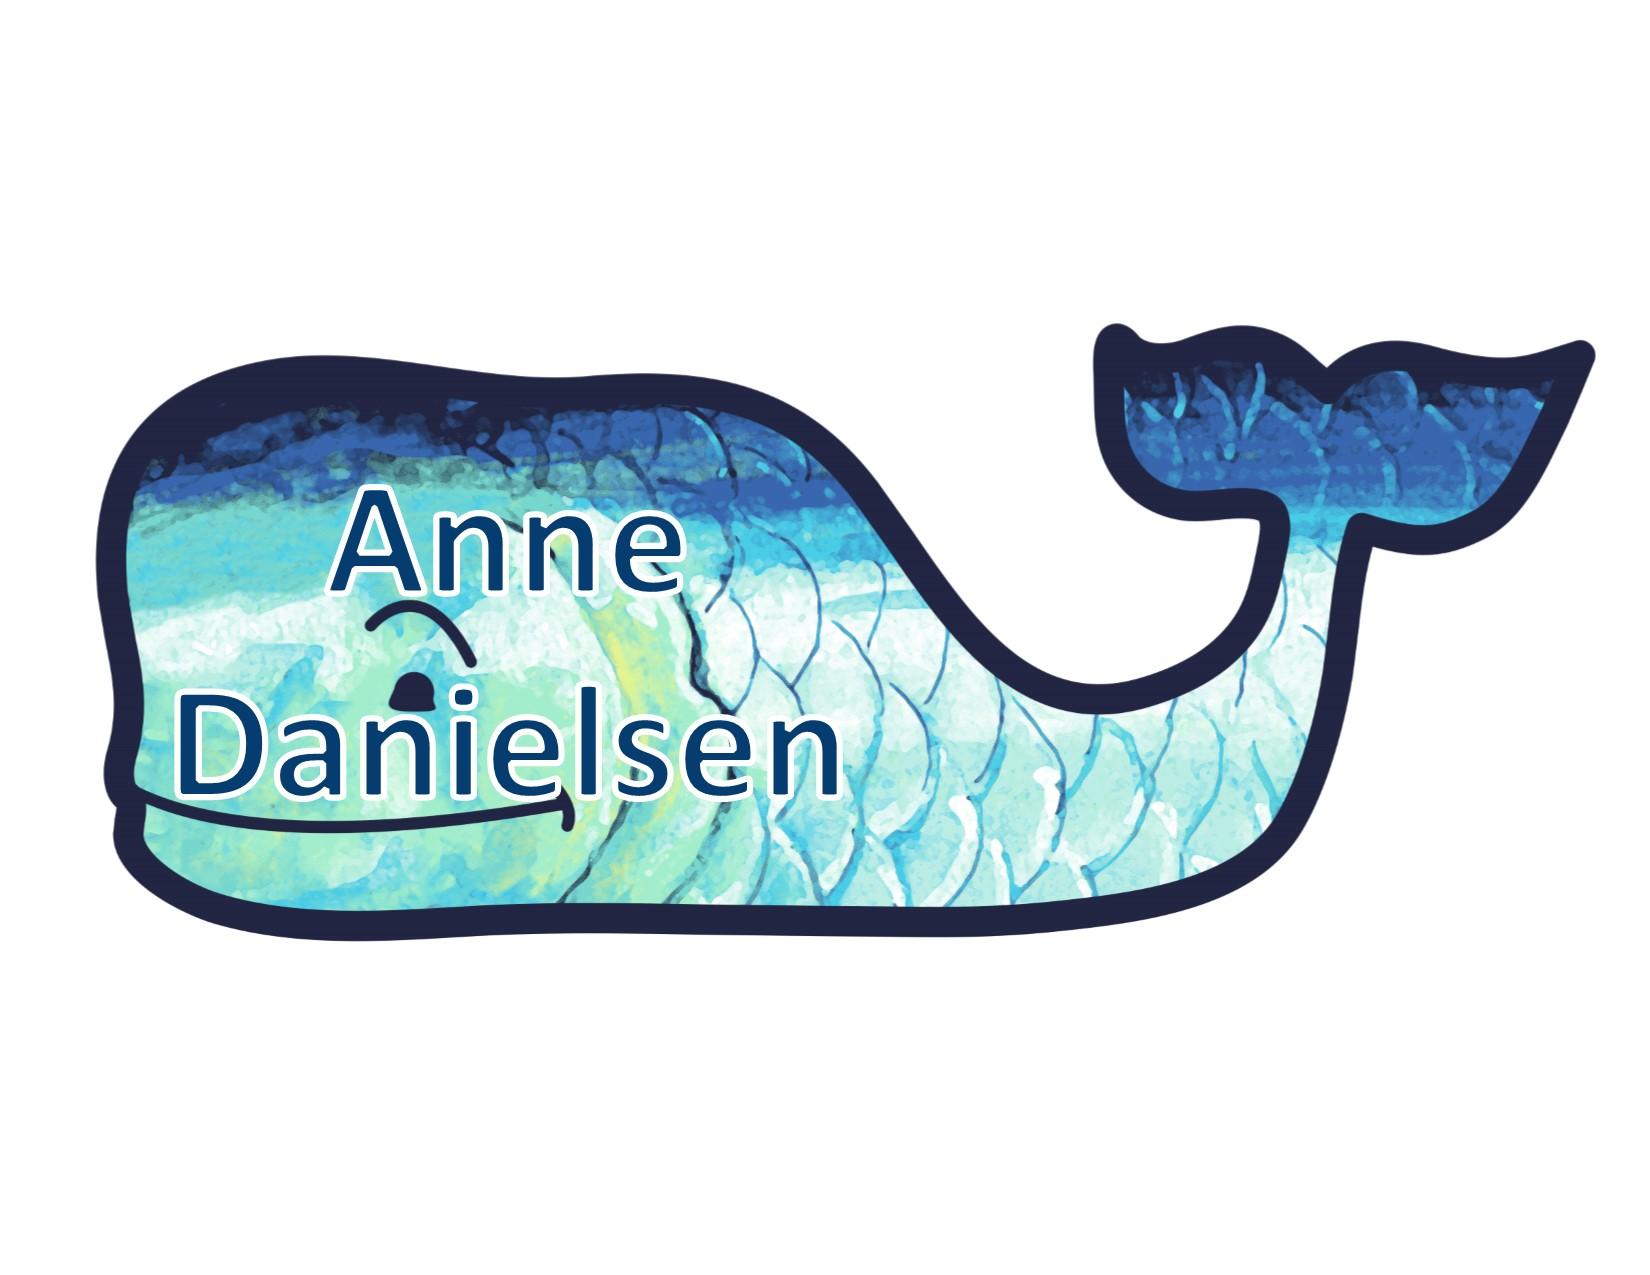 Danielsen, Anne.jpg